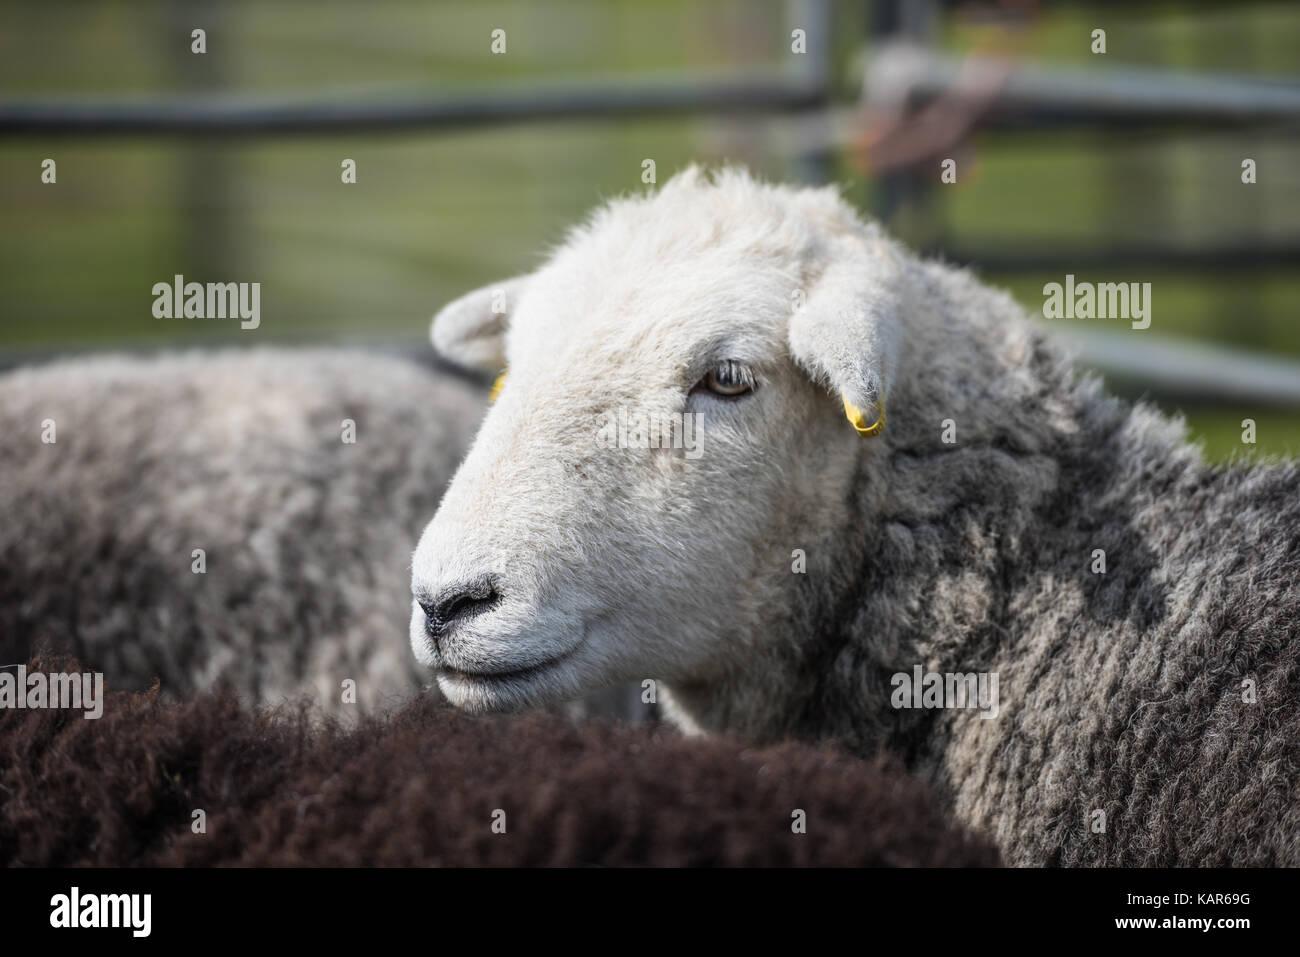 Herdwick-schafe urteilen, südlichen Landwirtschaft zeigen, Insel Man. Stockbild